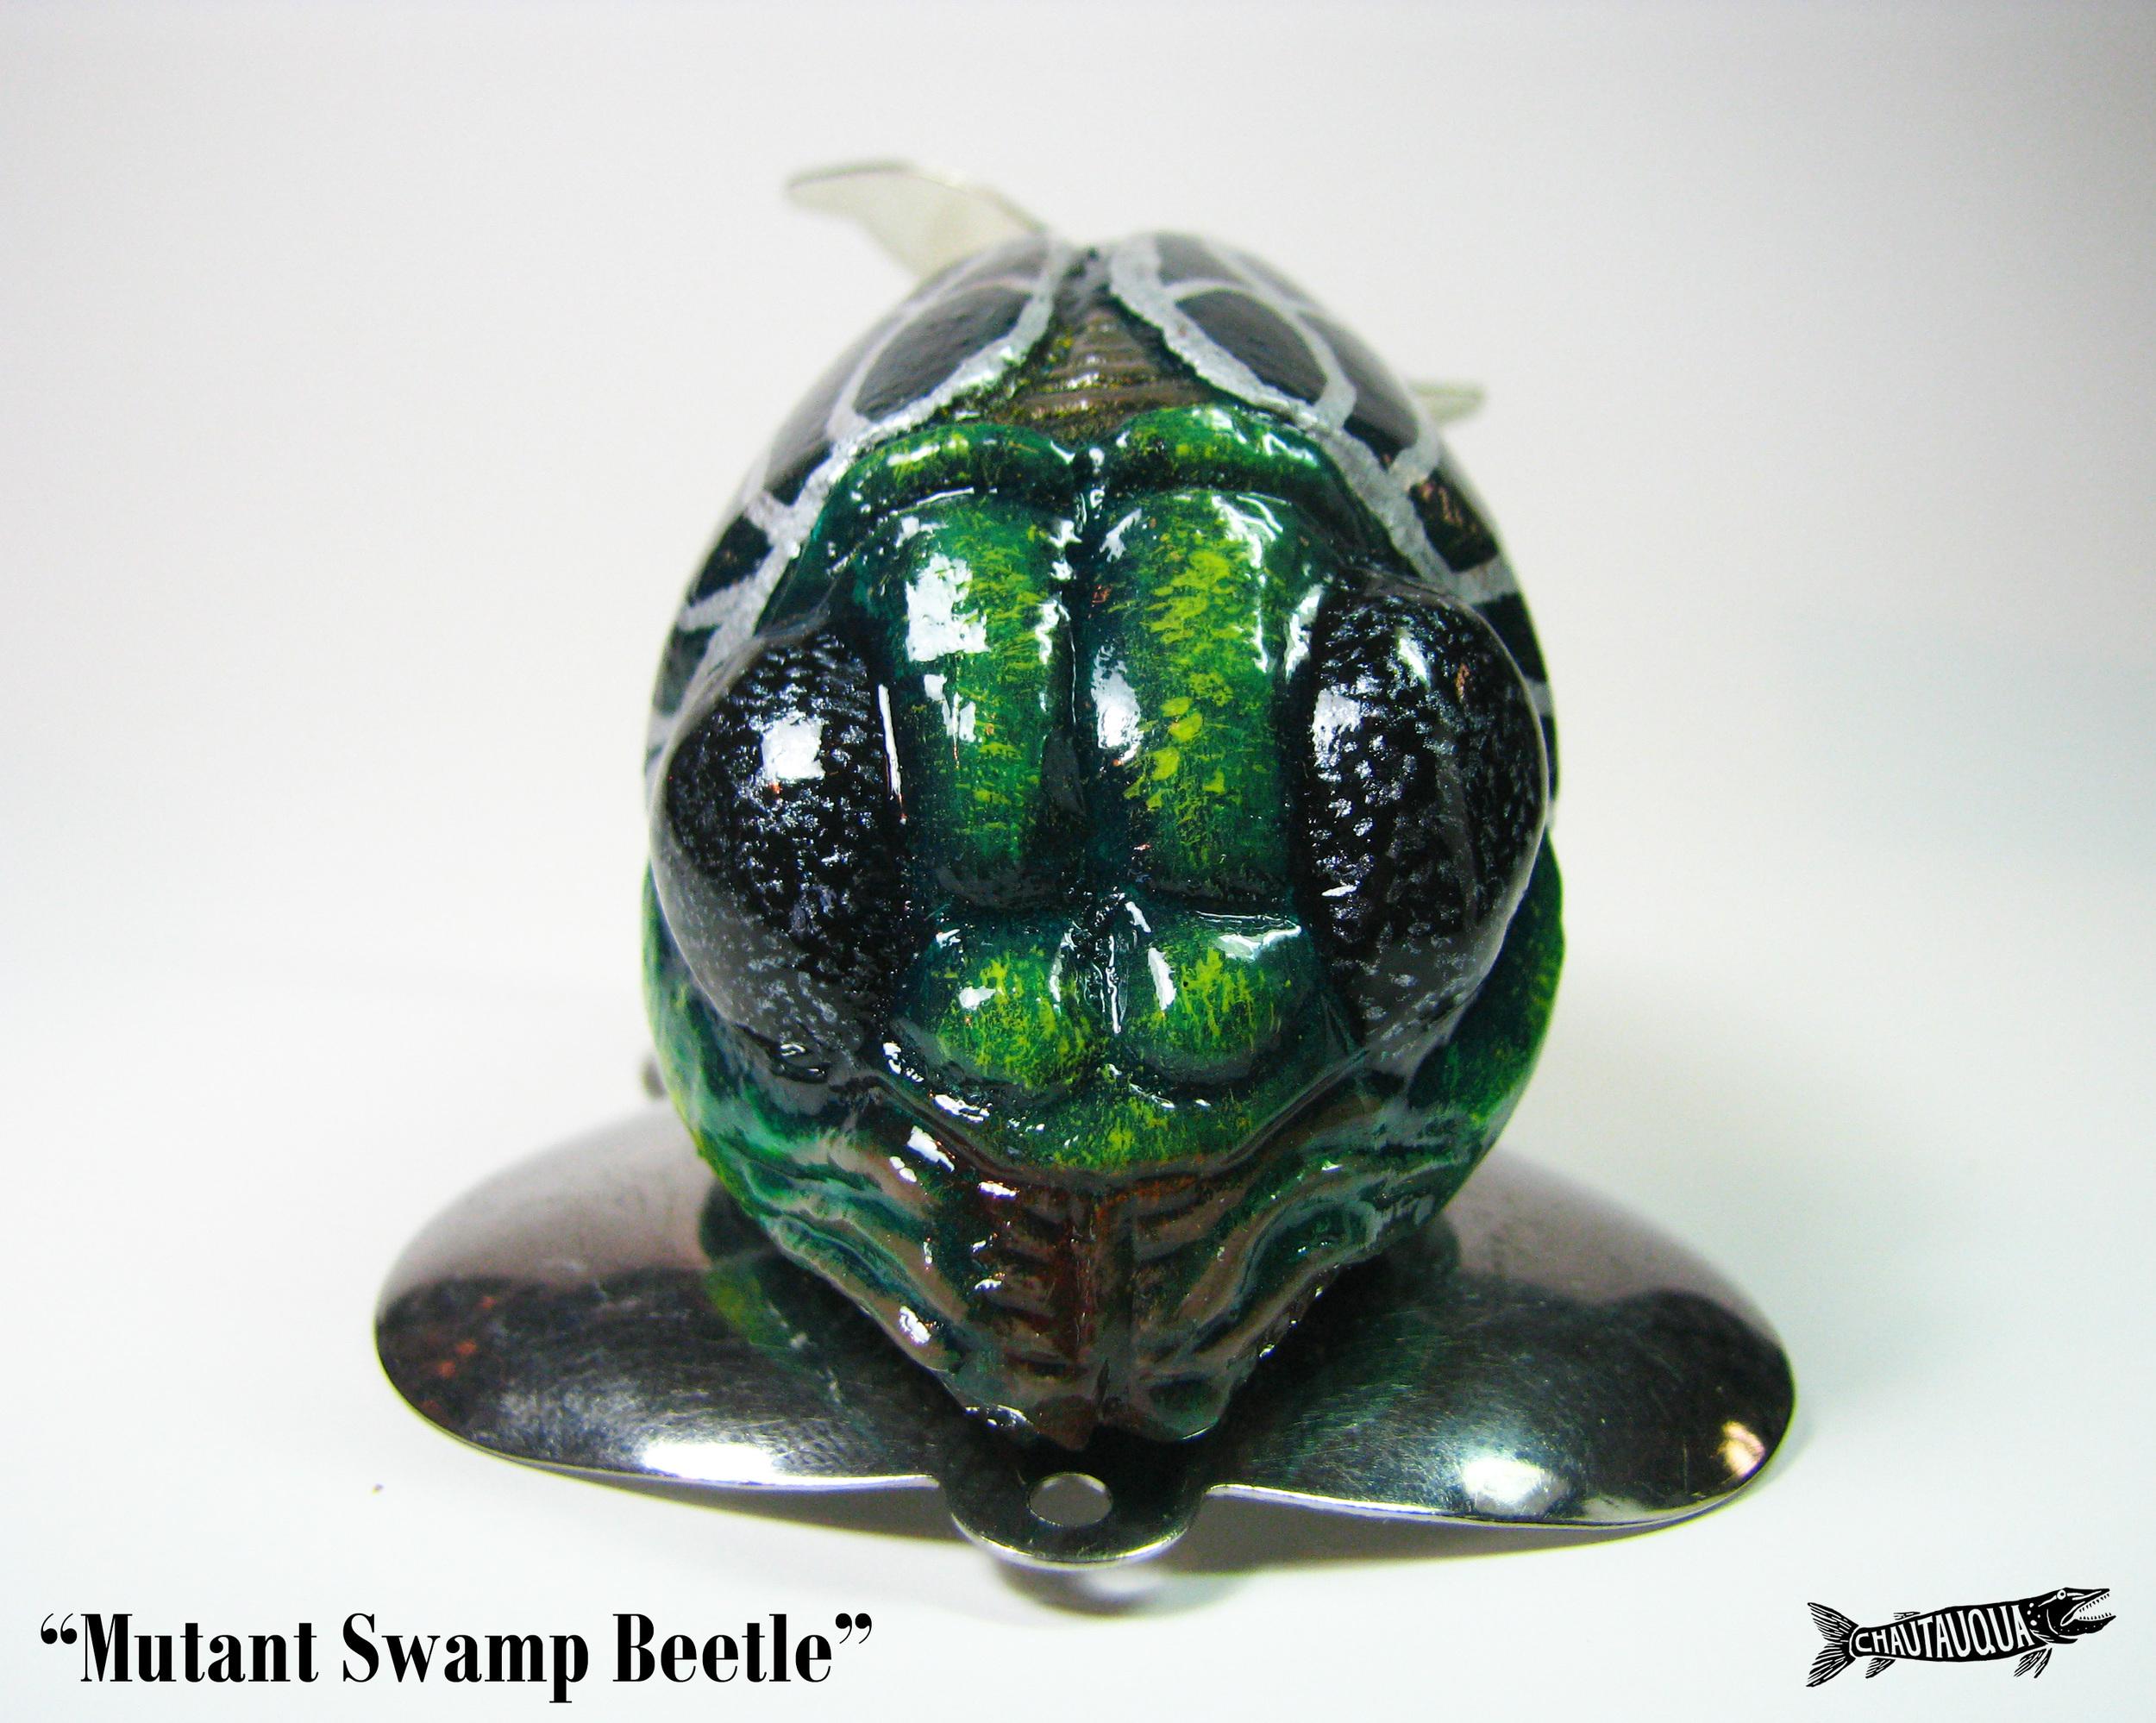 Mutant Swamp Beetle3.jpg